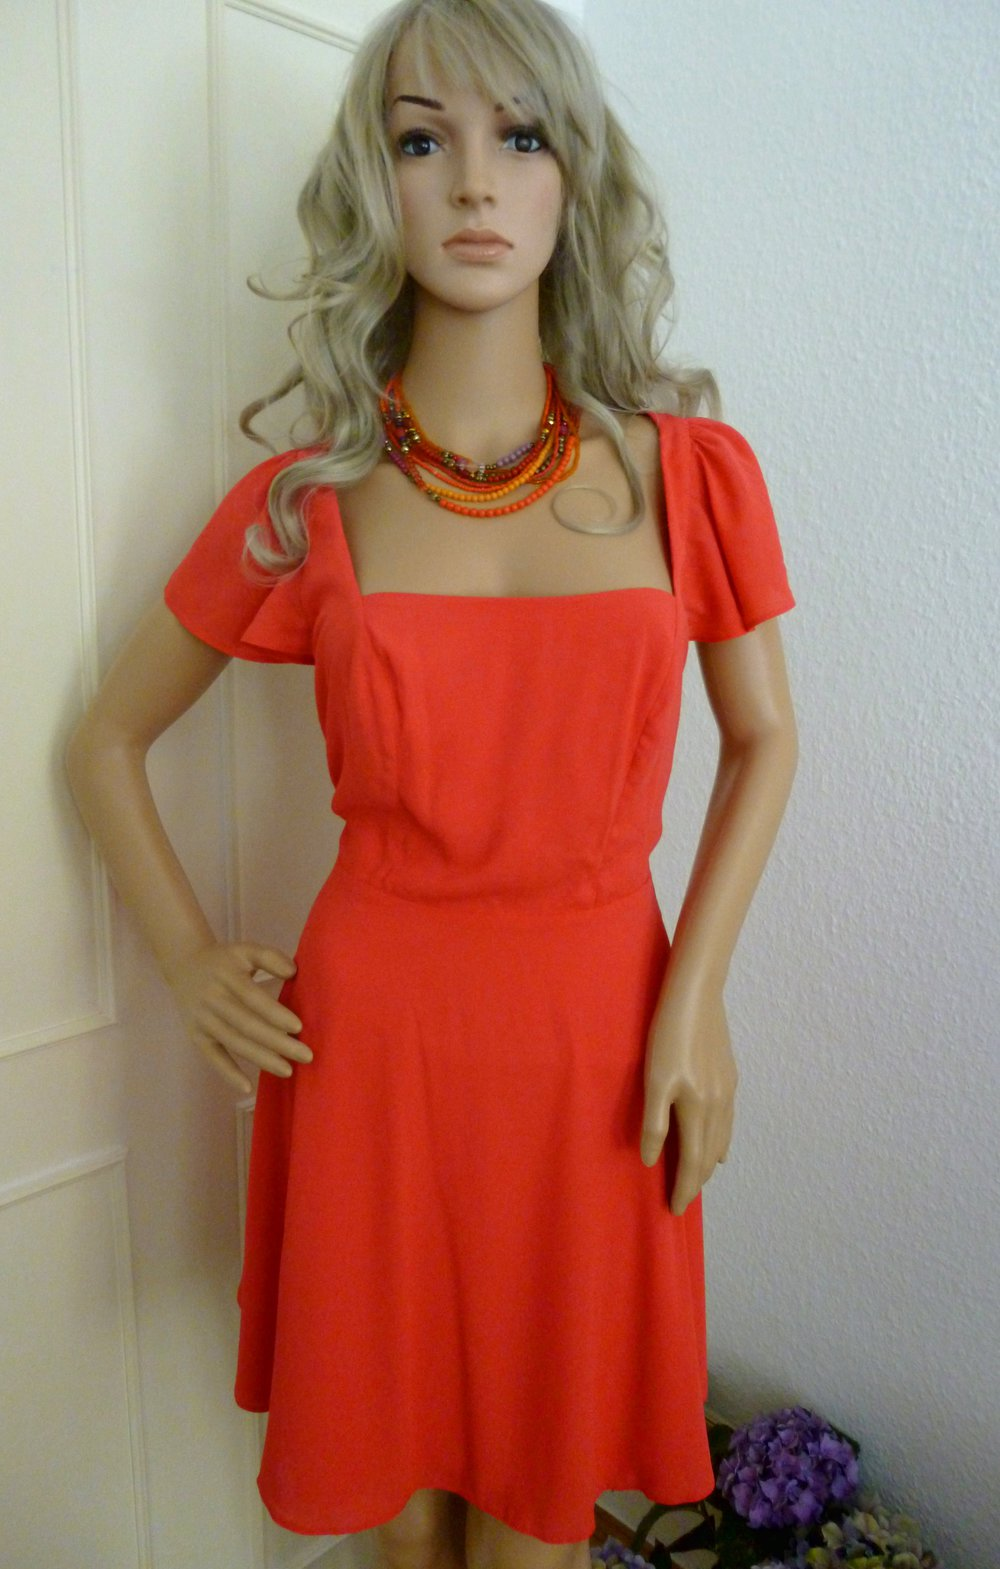 Korallfarbenes Kleid mit Dirndl Ausschnitt, Cut-Outs und Flatterärmeln